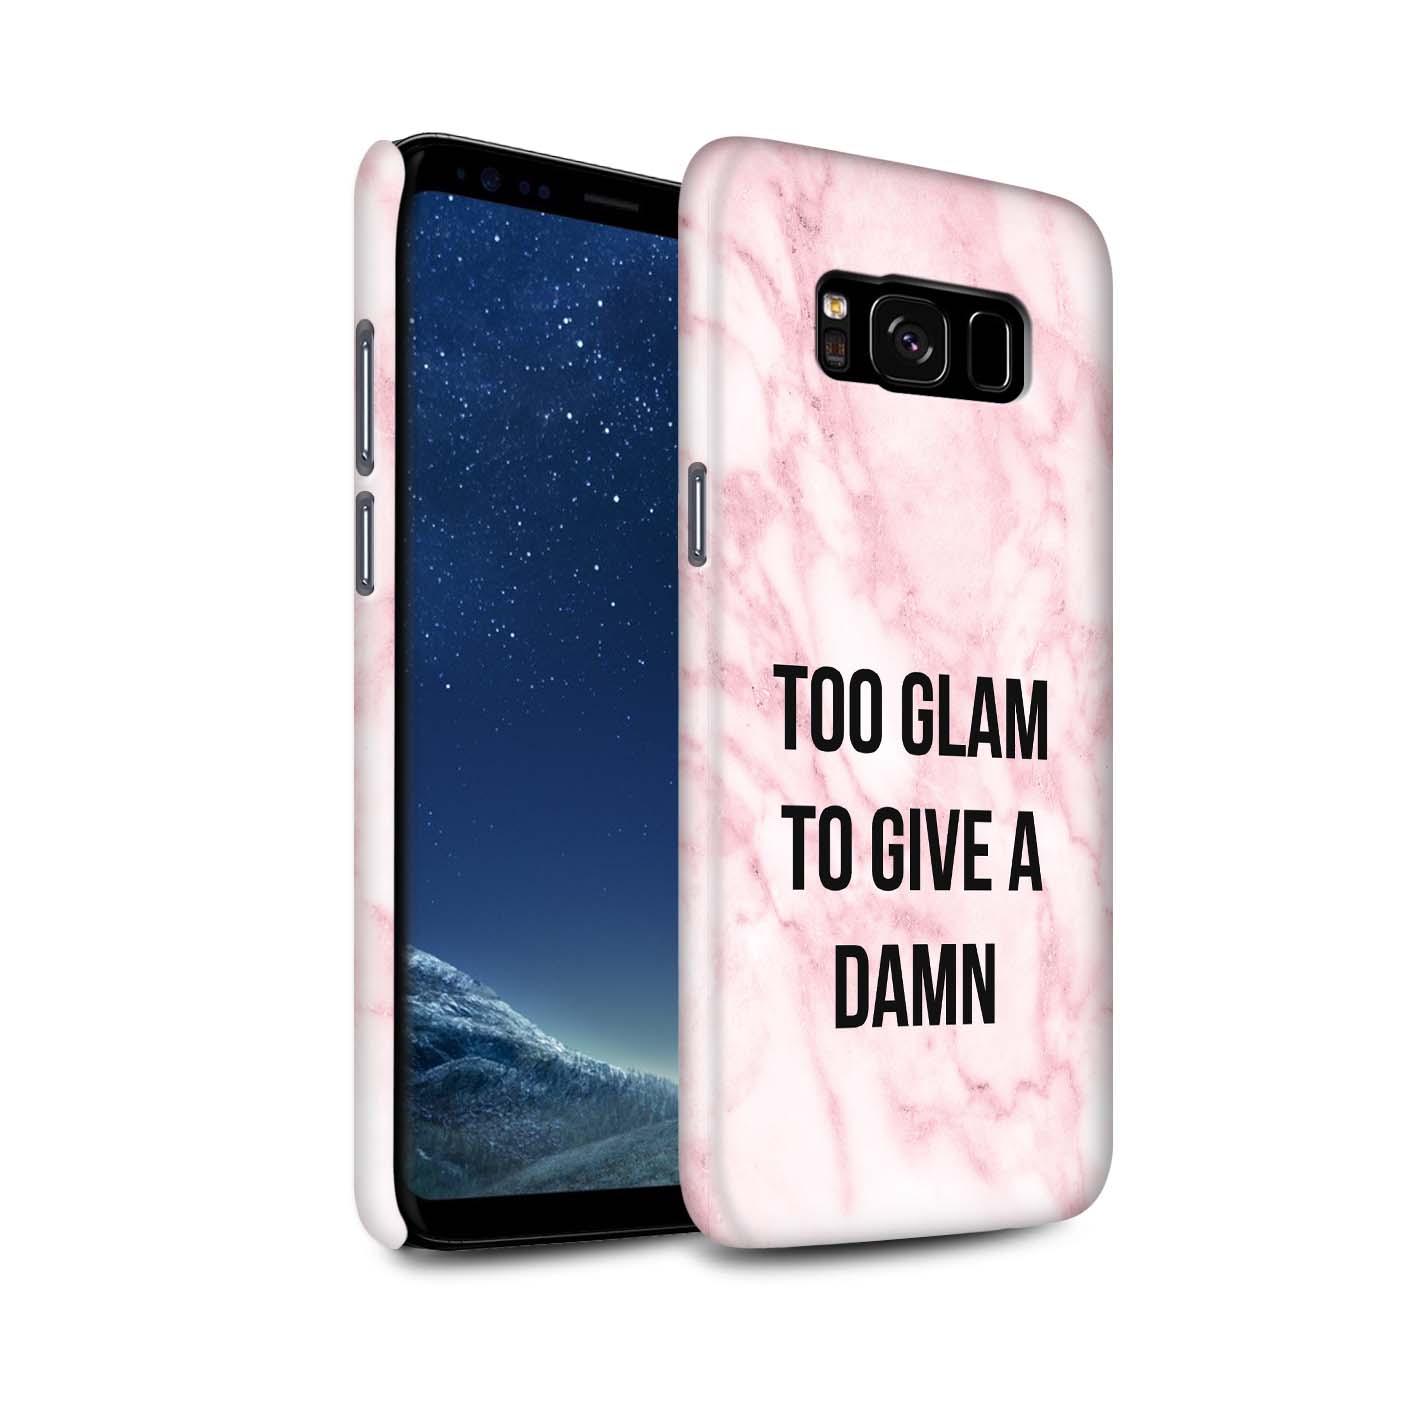 Coque-Etui-Brillant-STUFF4-pour-Samsung-Galaxy-S8-G950-Diva-Marbre-Drole-Mode